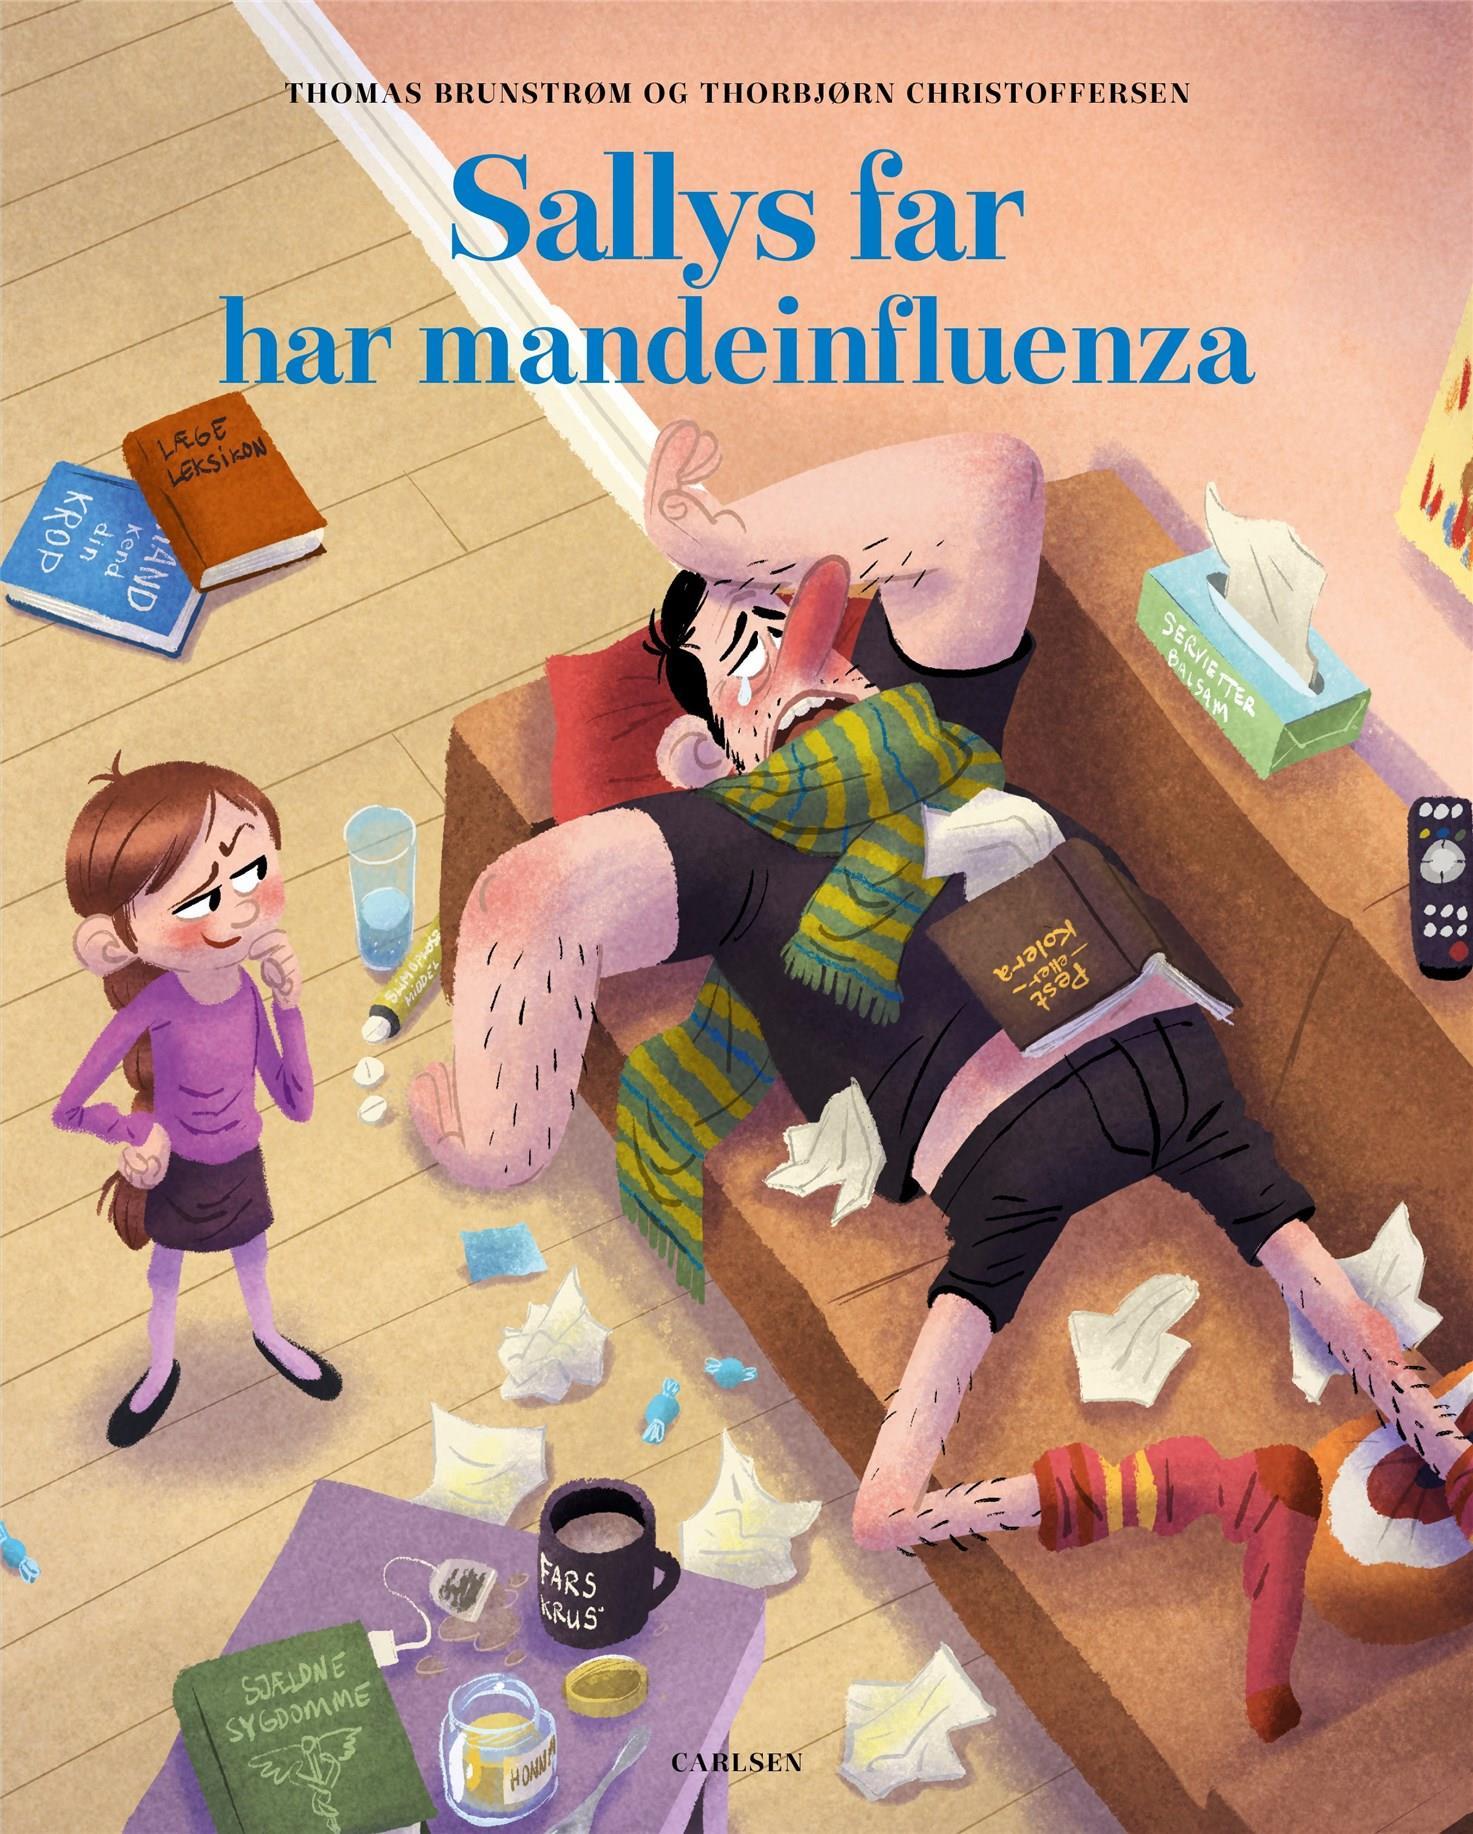 Sallys far har mandeinfluenza - Thomas Brunstrøm - Bøger - CARLSEN - 9788711912522 - 18/8-2020